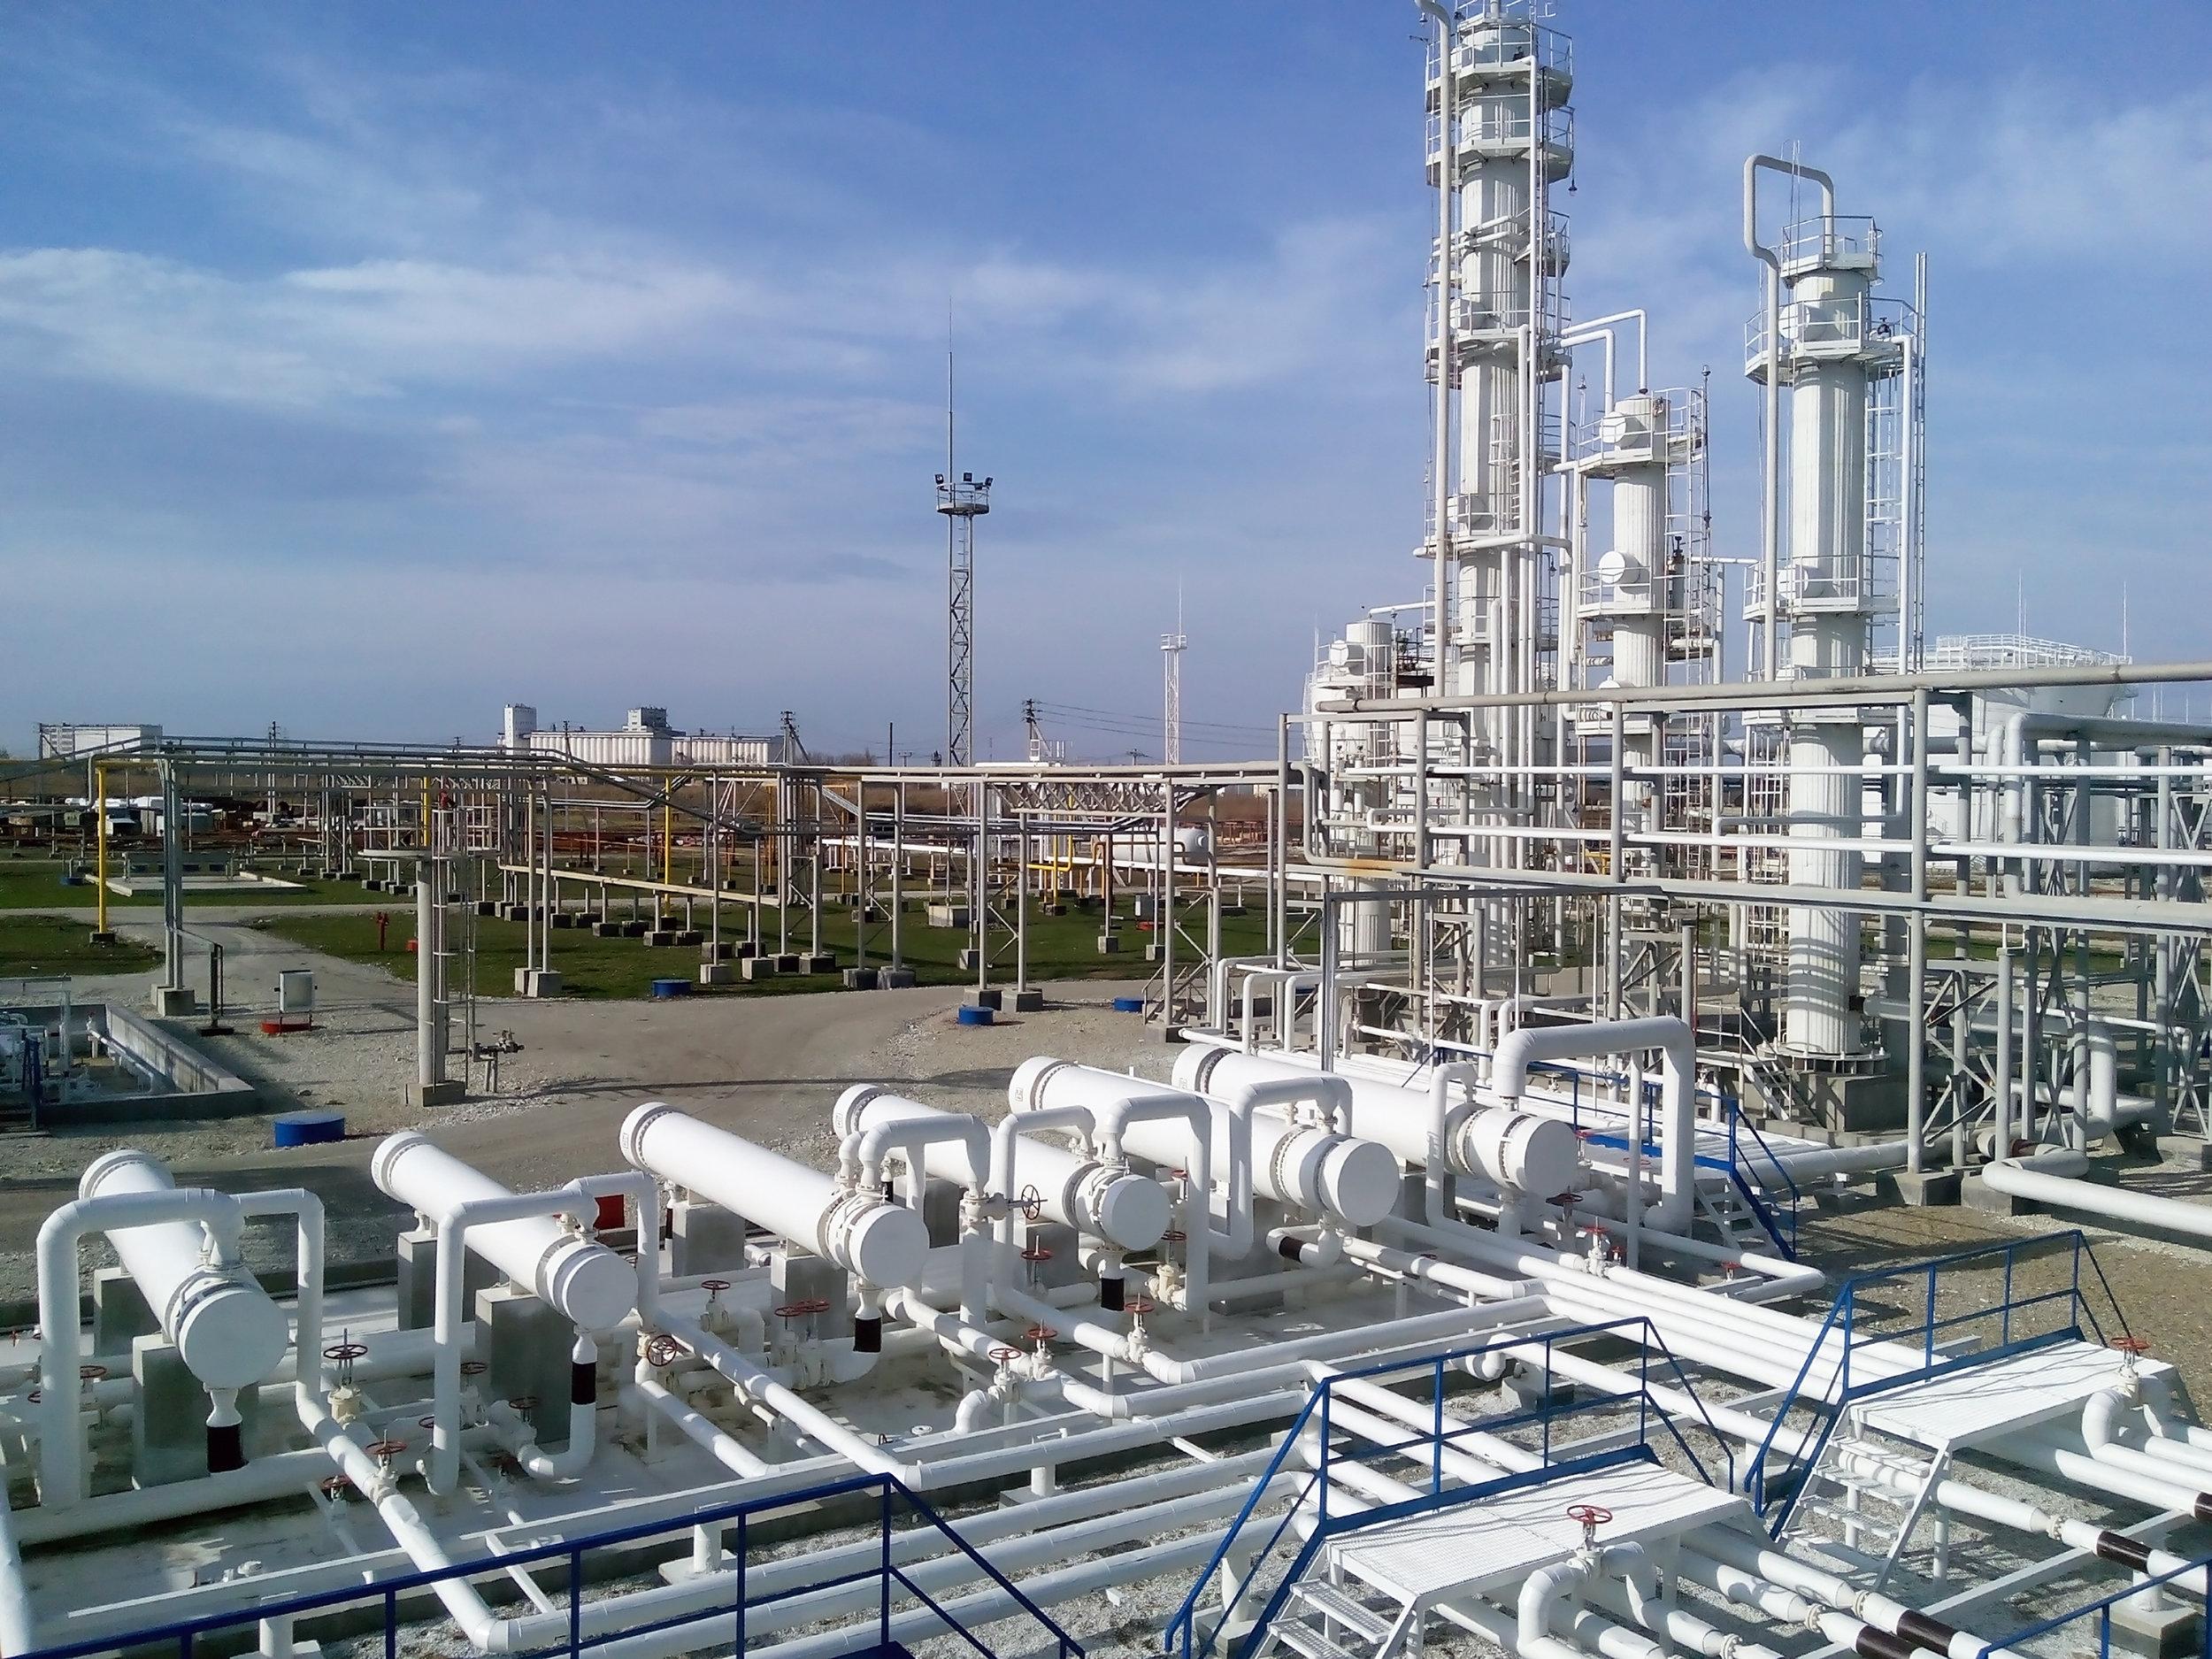 LE.Industrial.Ind.for.vb.oil.ref.263.jpg